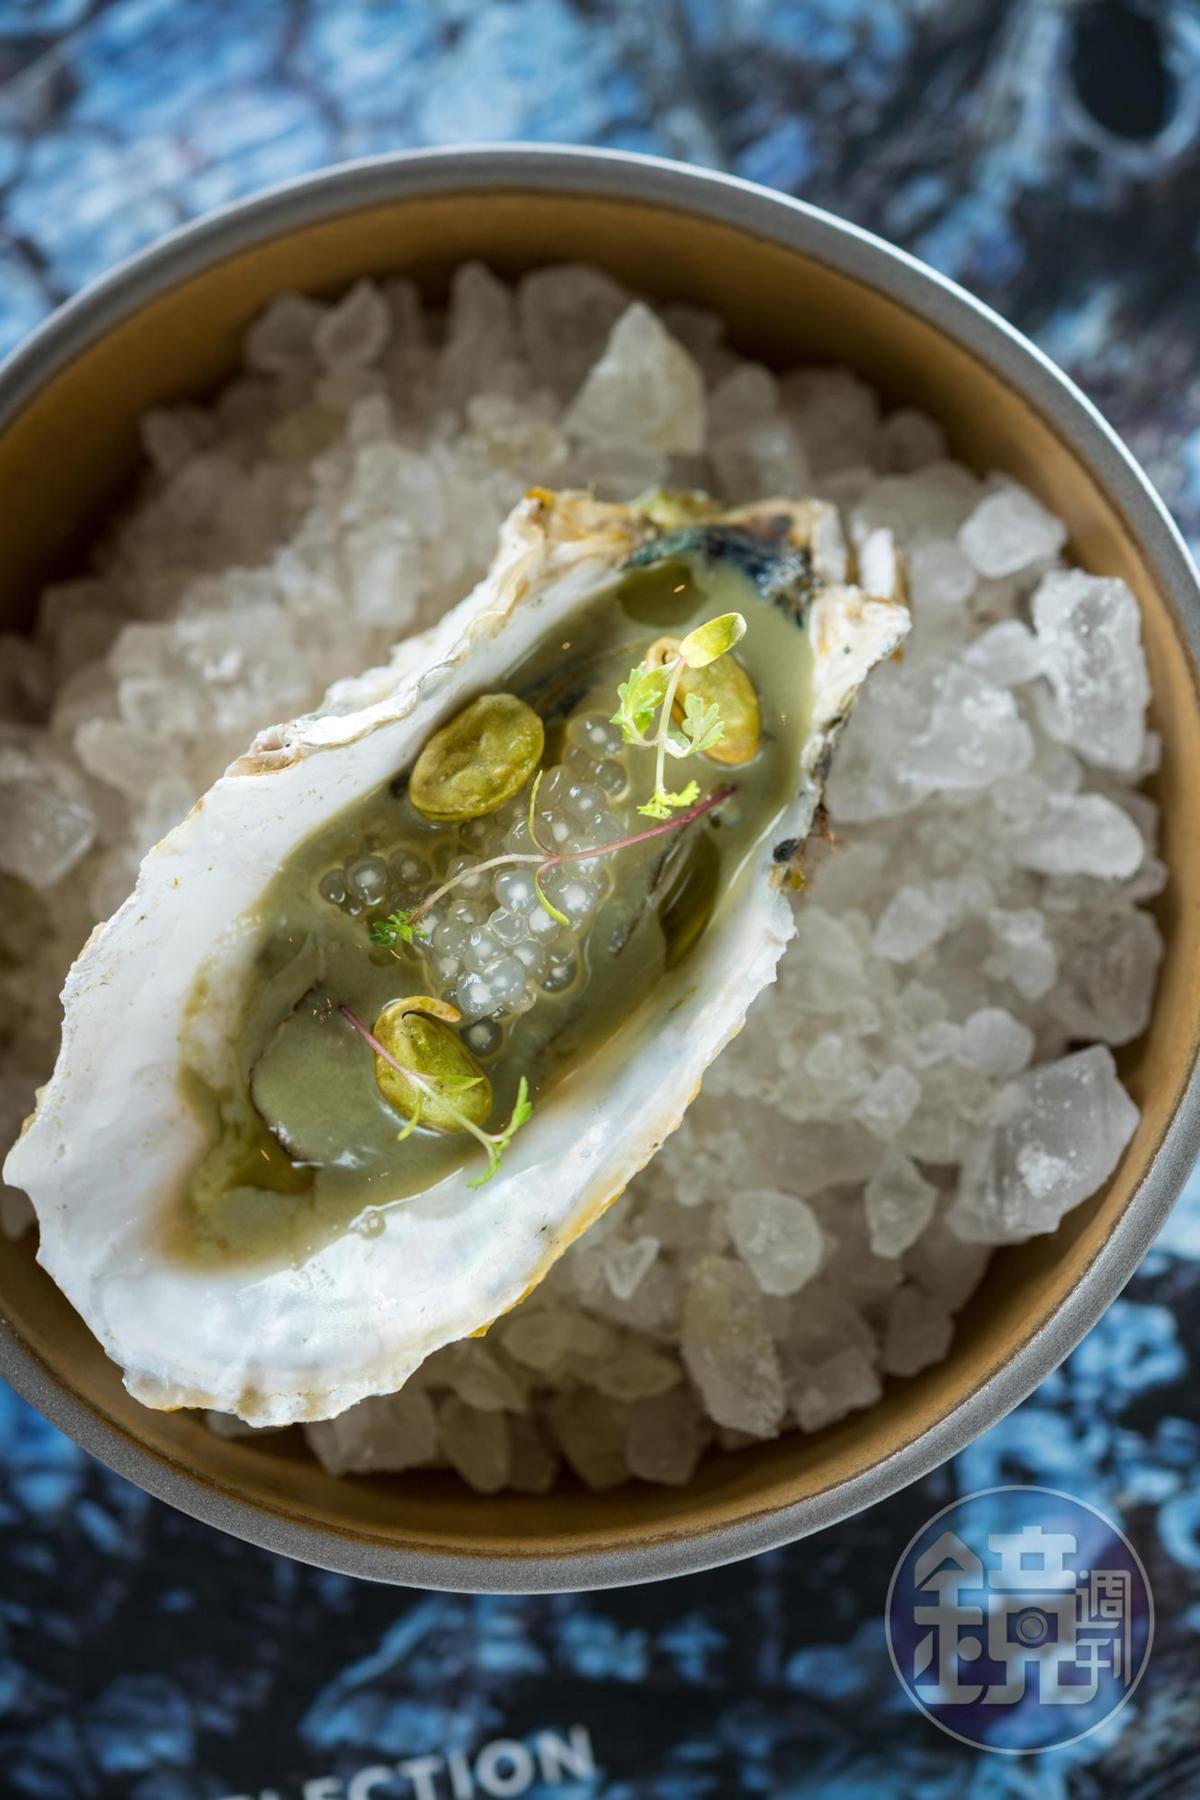 西谷米吸浸魚露、綠咖哩的「澎湖牡蠣 椰奶 毛豆檸檬草 綠咖哩」南洋味濃厚。(2,200元套餐菜色)